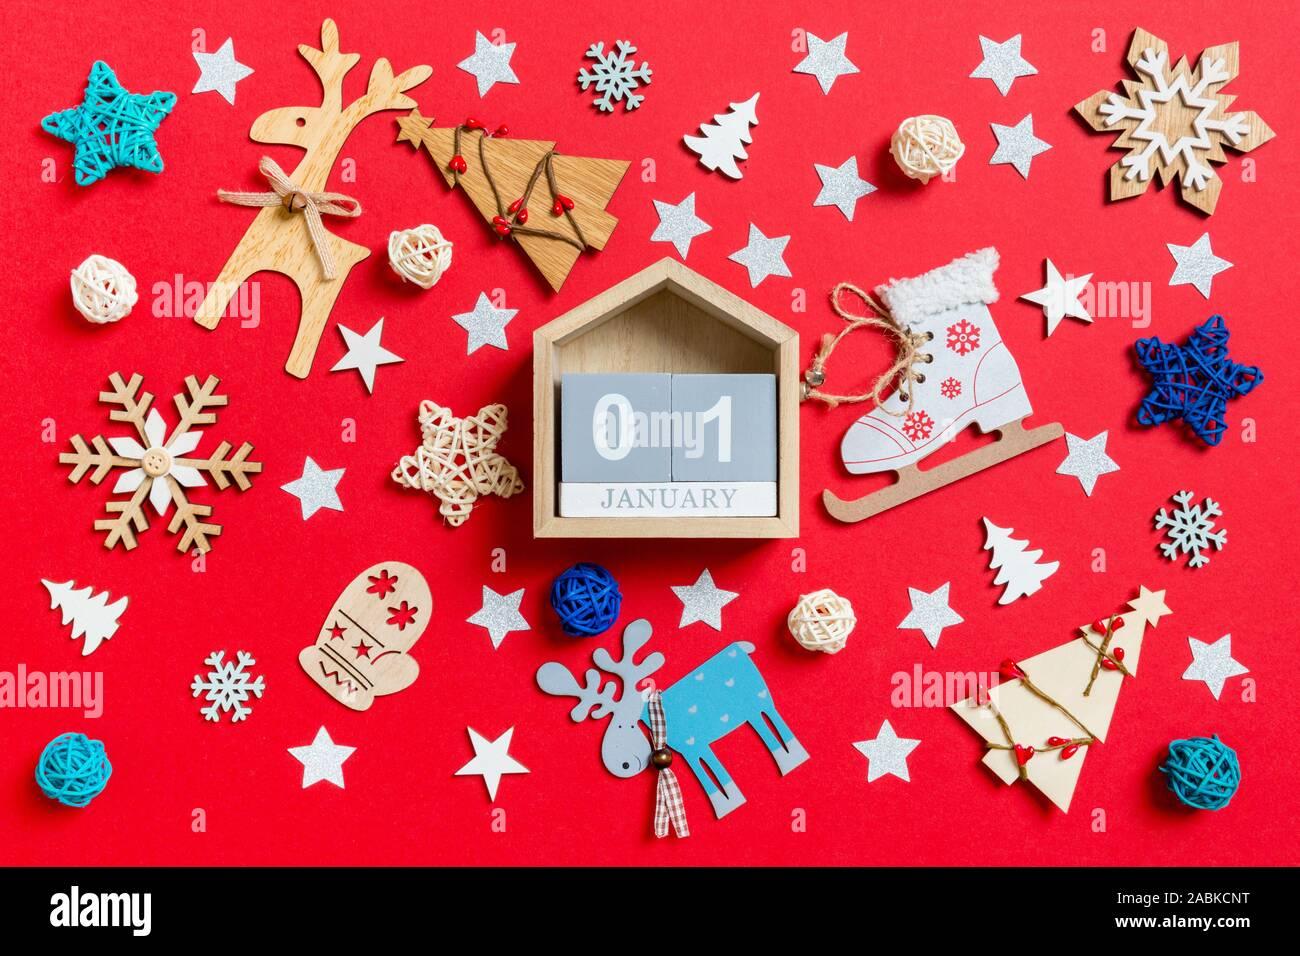 Vue de dessus du calendrier en bois, maison de jouets et des décorations de Noël fond rouge. La première de janvier. Nouveau concept de temps de l'année. Banque D'Images